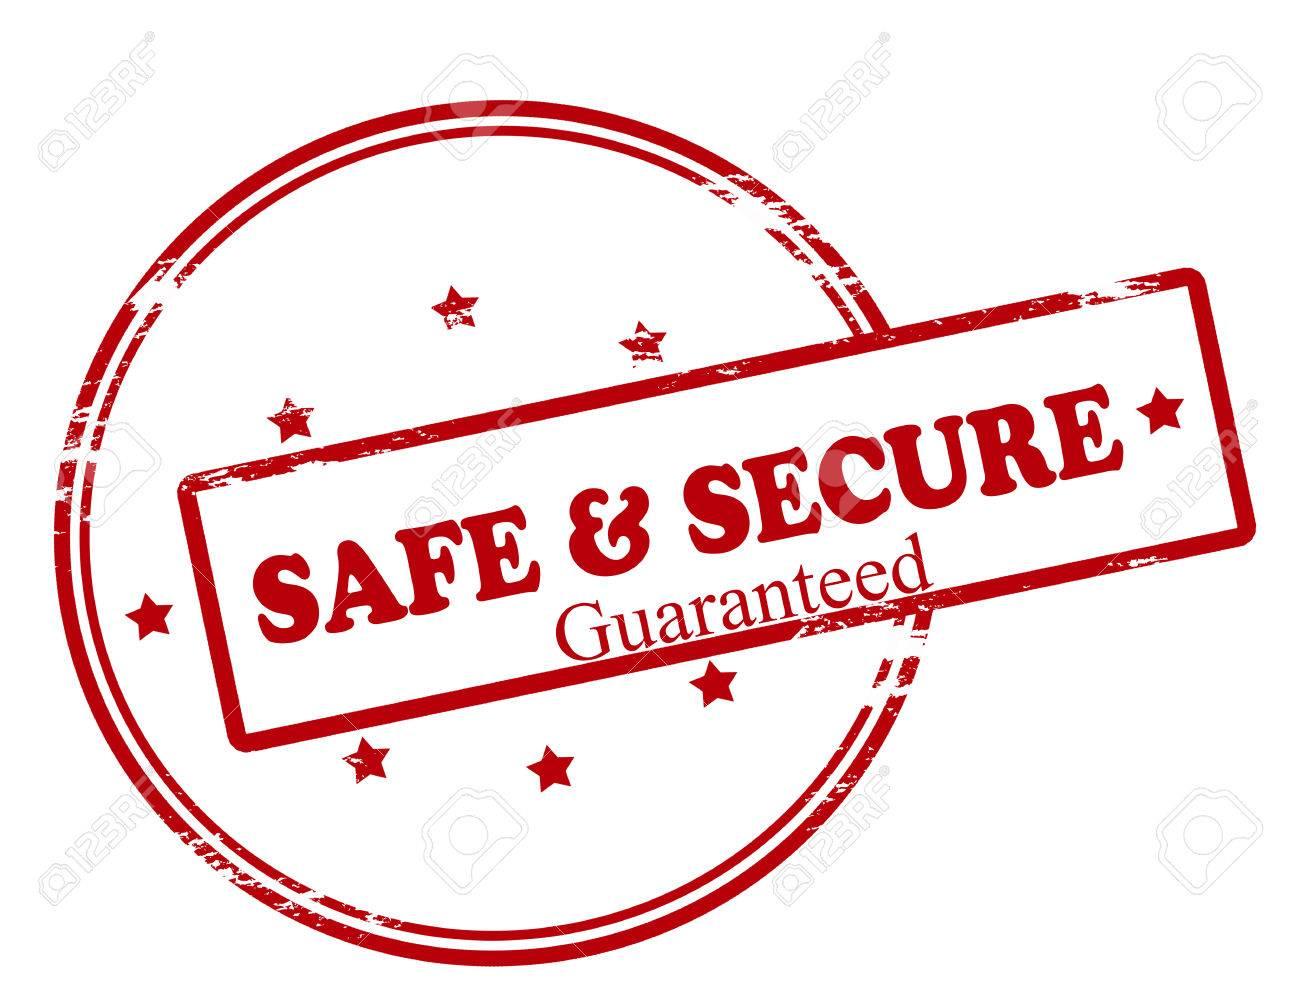 スタンプ テキスト安心・安全な保証内、ベクトル イラスト ロイヤリティ